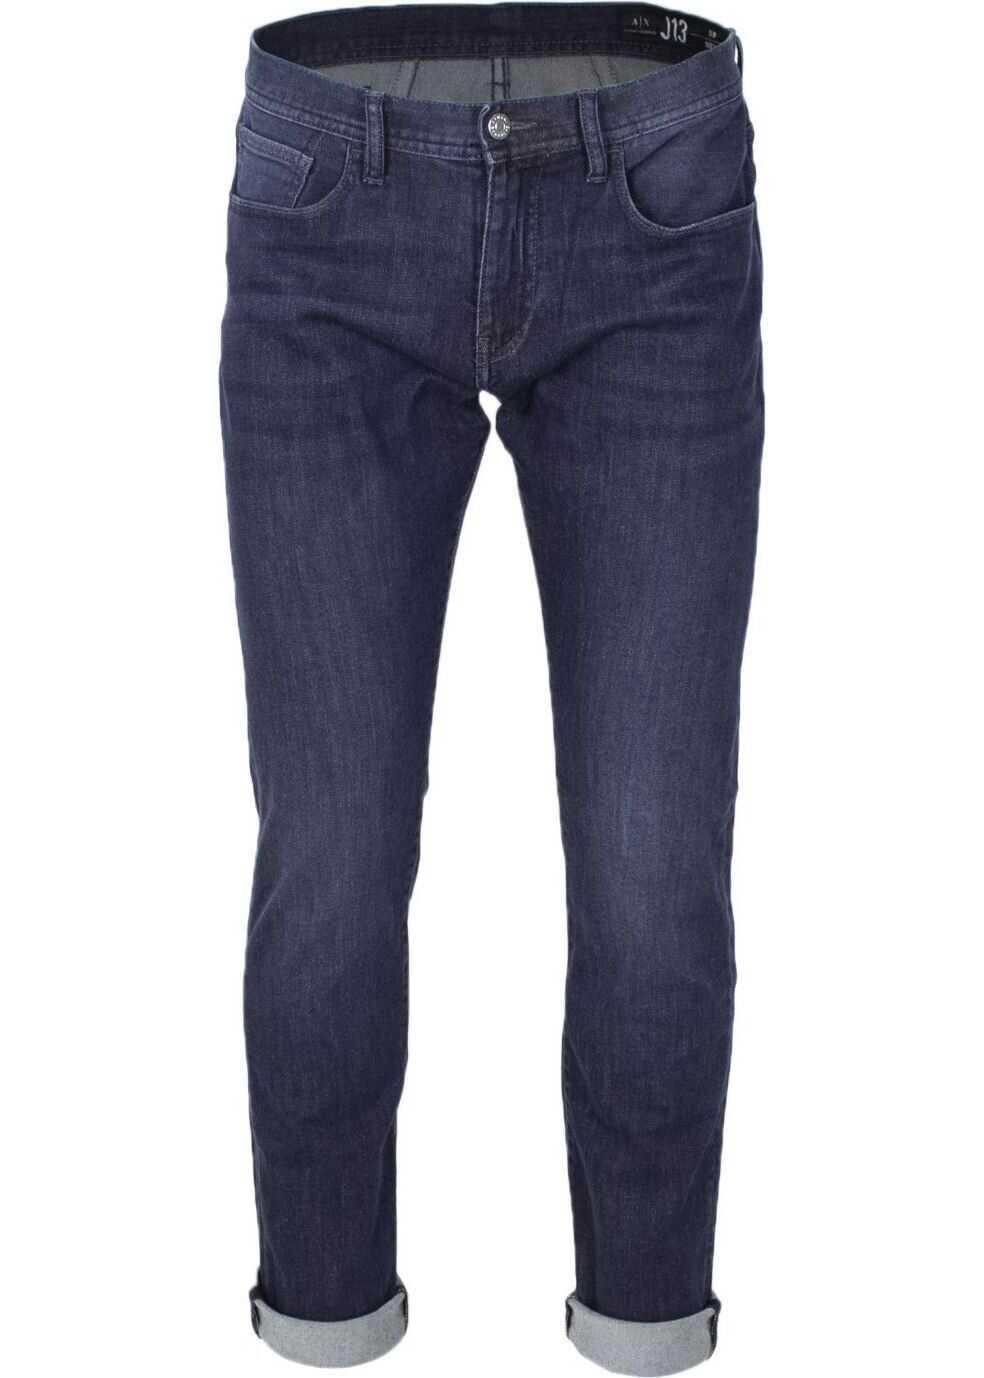 Armani Exchange Cotton Jeans BLUE